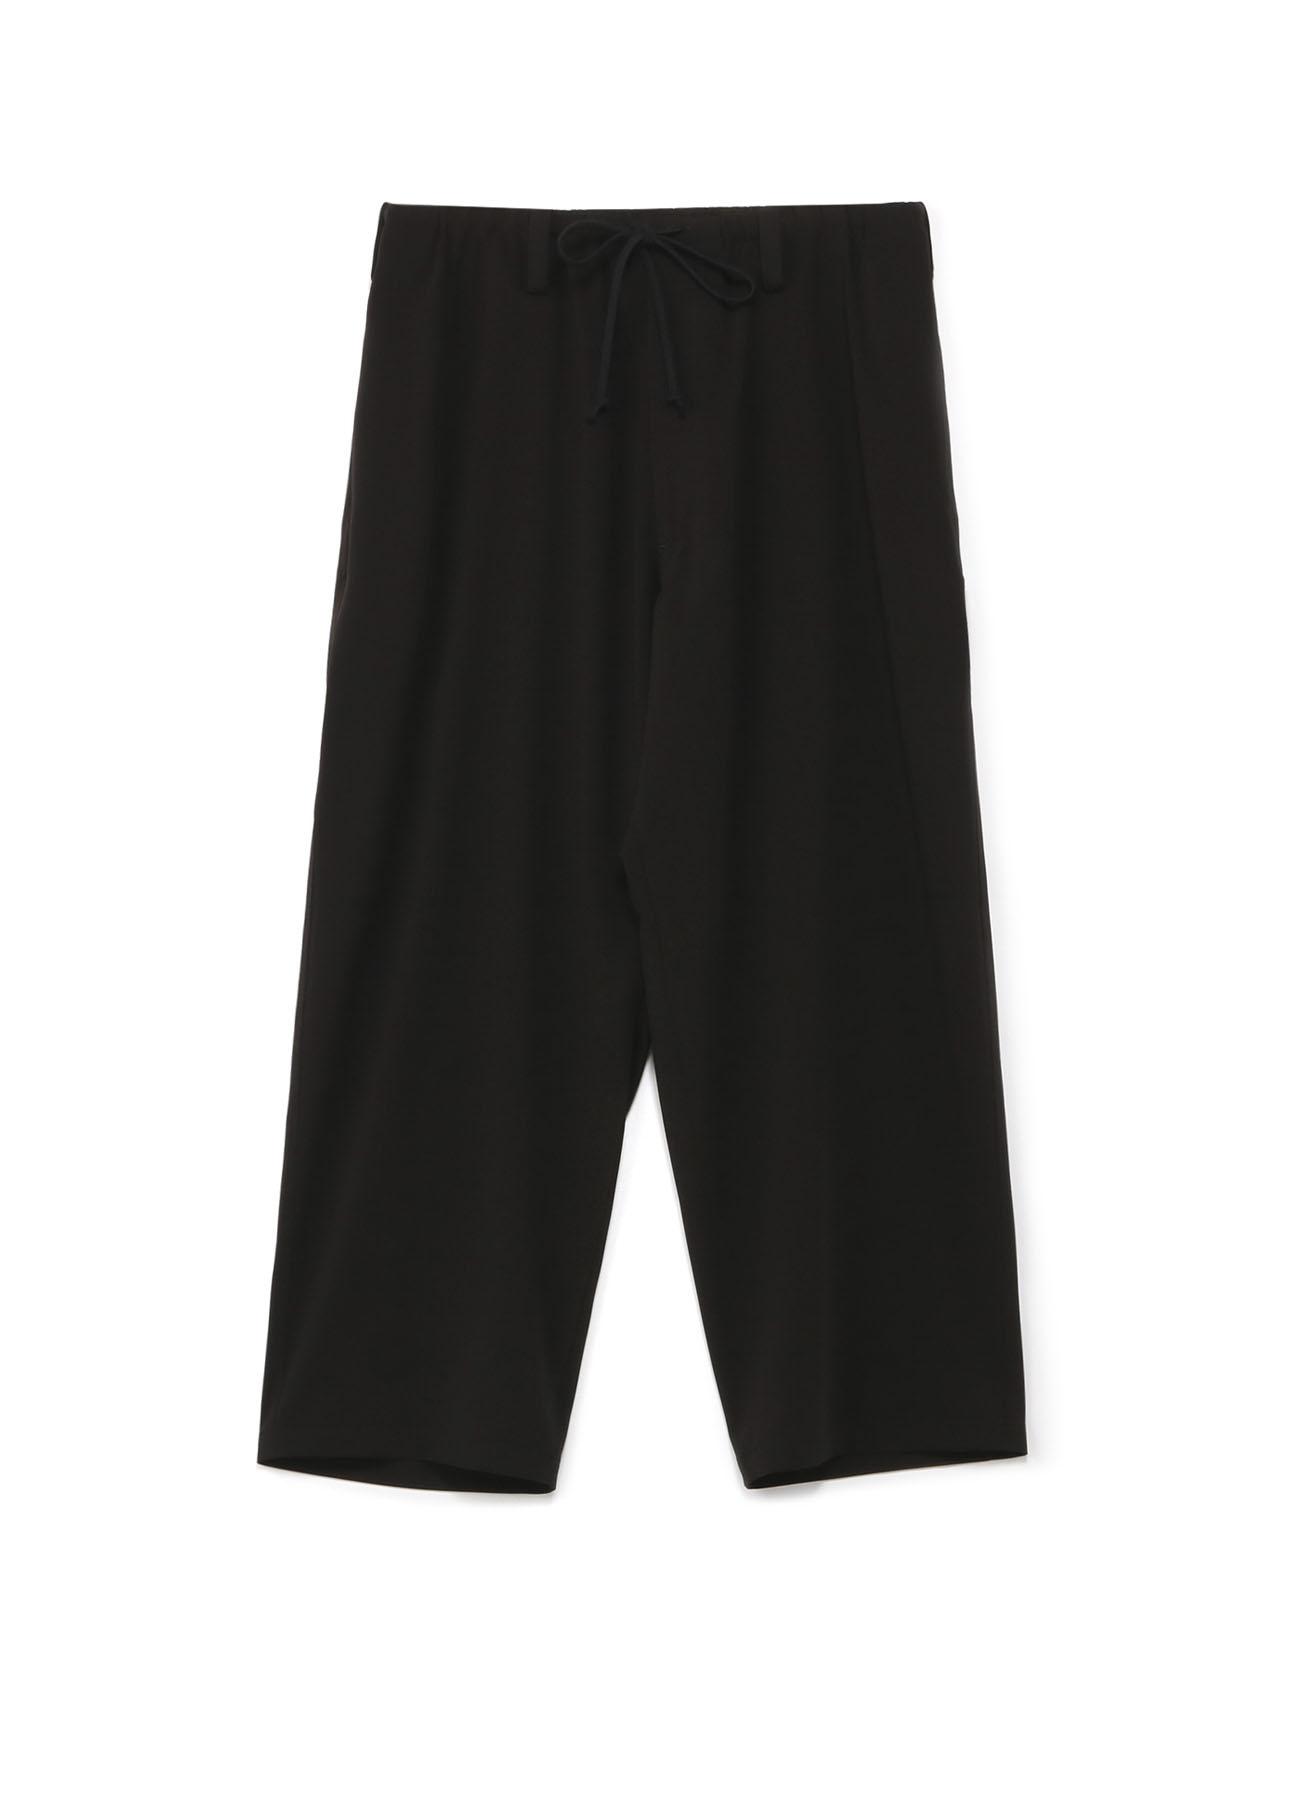 人造丝混纺抽绳长裤